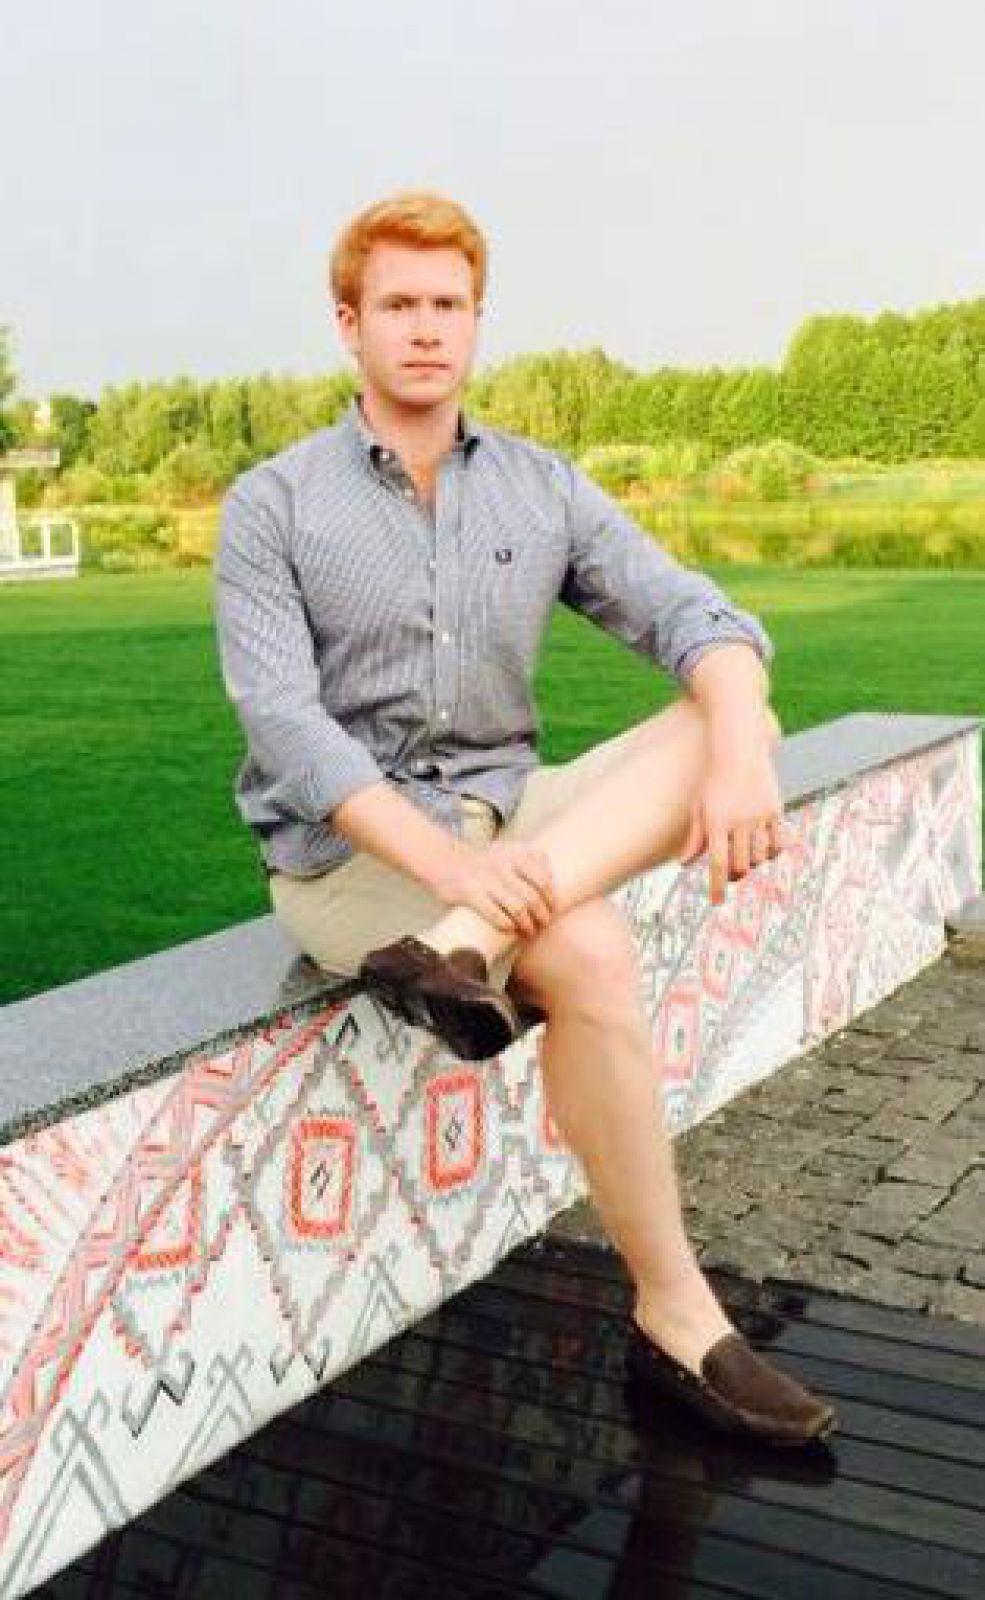 8.Виталий Губский – 24 года, инвестиционный аналитик банка BNP Paribas. Образование: Бристольский университет